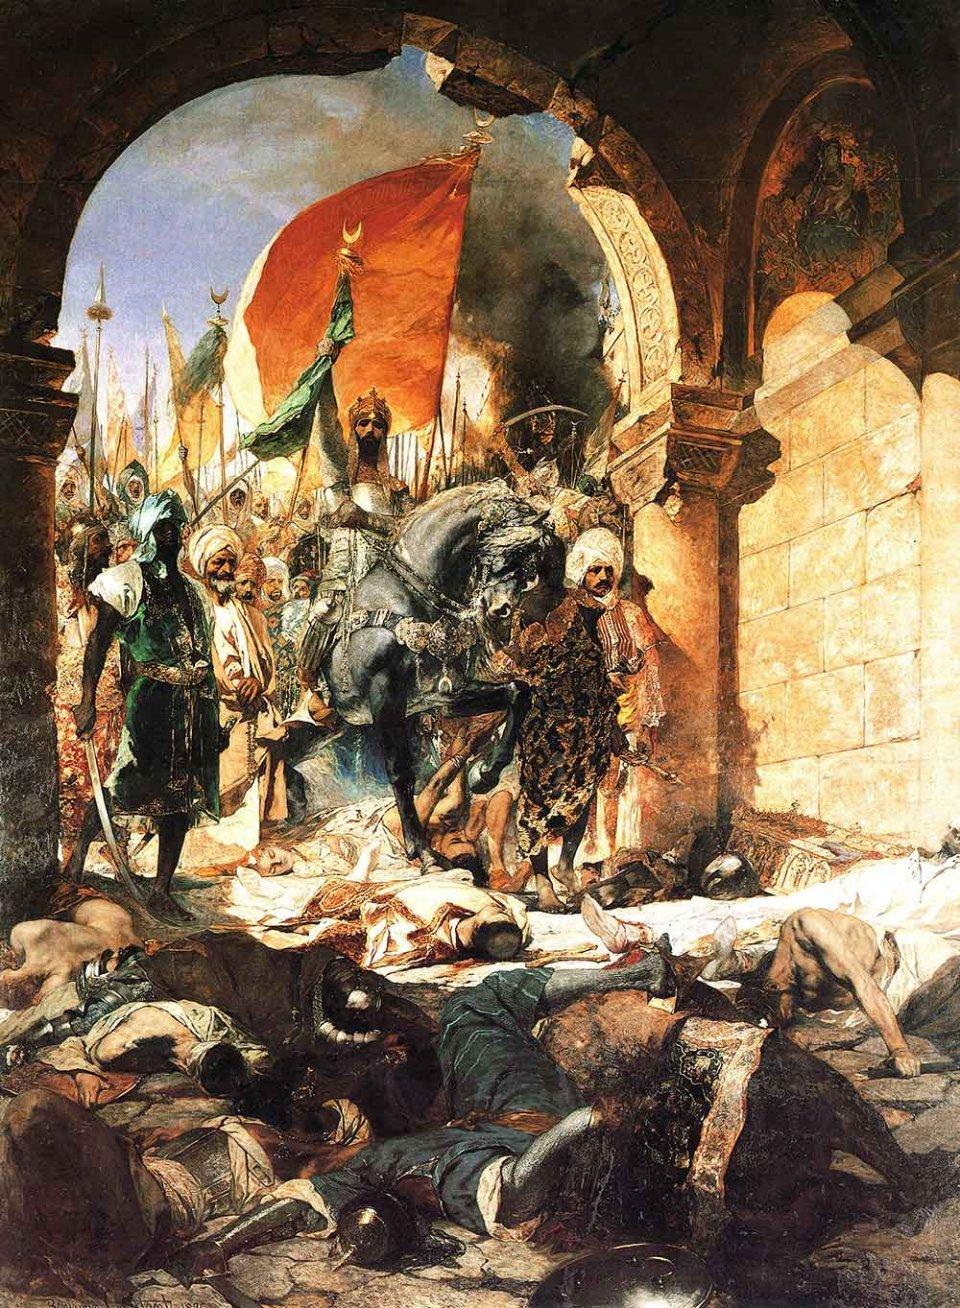 Після захоплення Константинополя Мехмед ІІ дозволив своїм військам три дні грабувати місто, а потім проголосив його своєю новою столицею / Картина Жан-Жозефа Бенжамен-Констана, 1876 рік